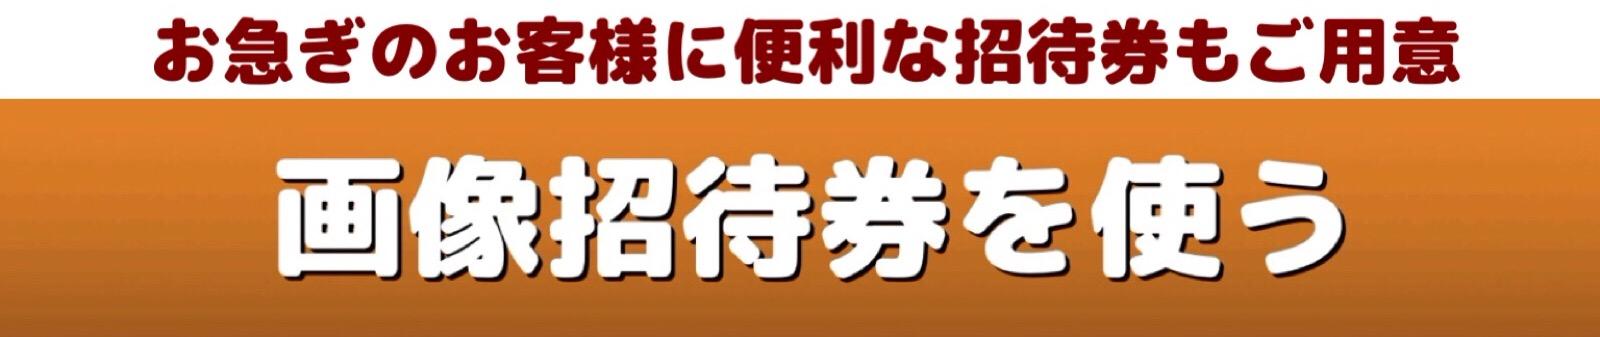 カリモク仙台イベント招待券